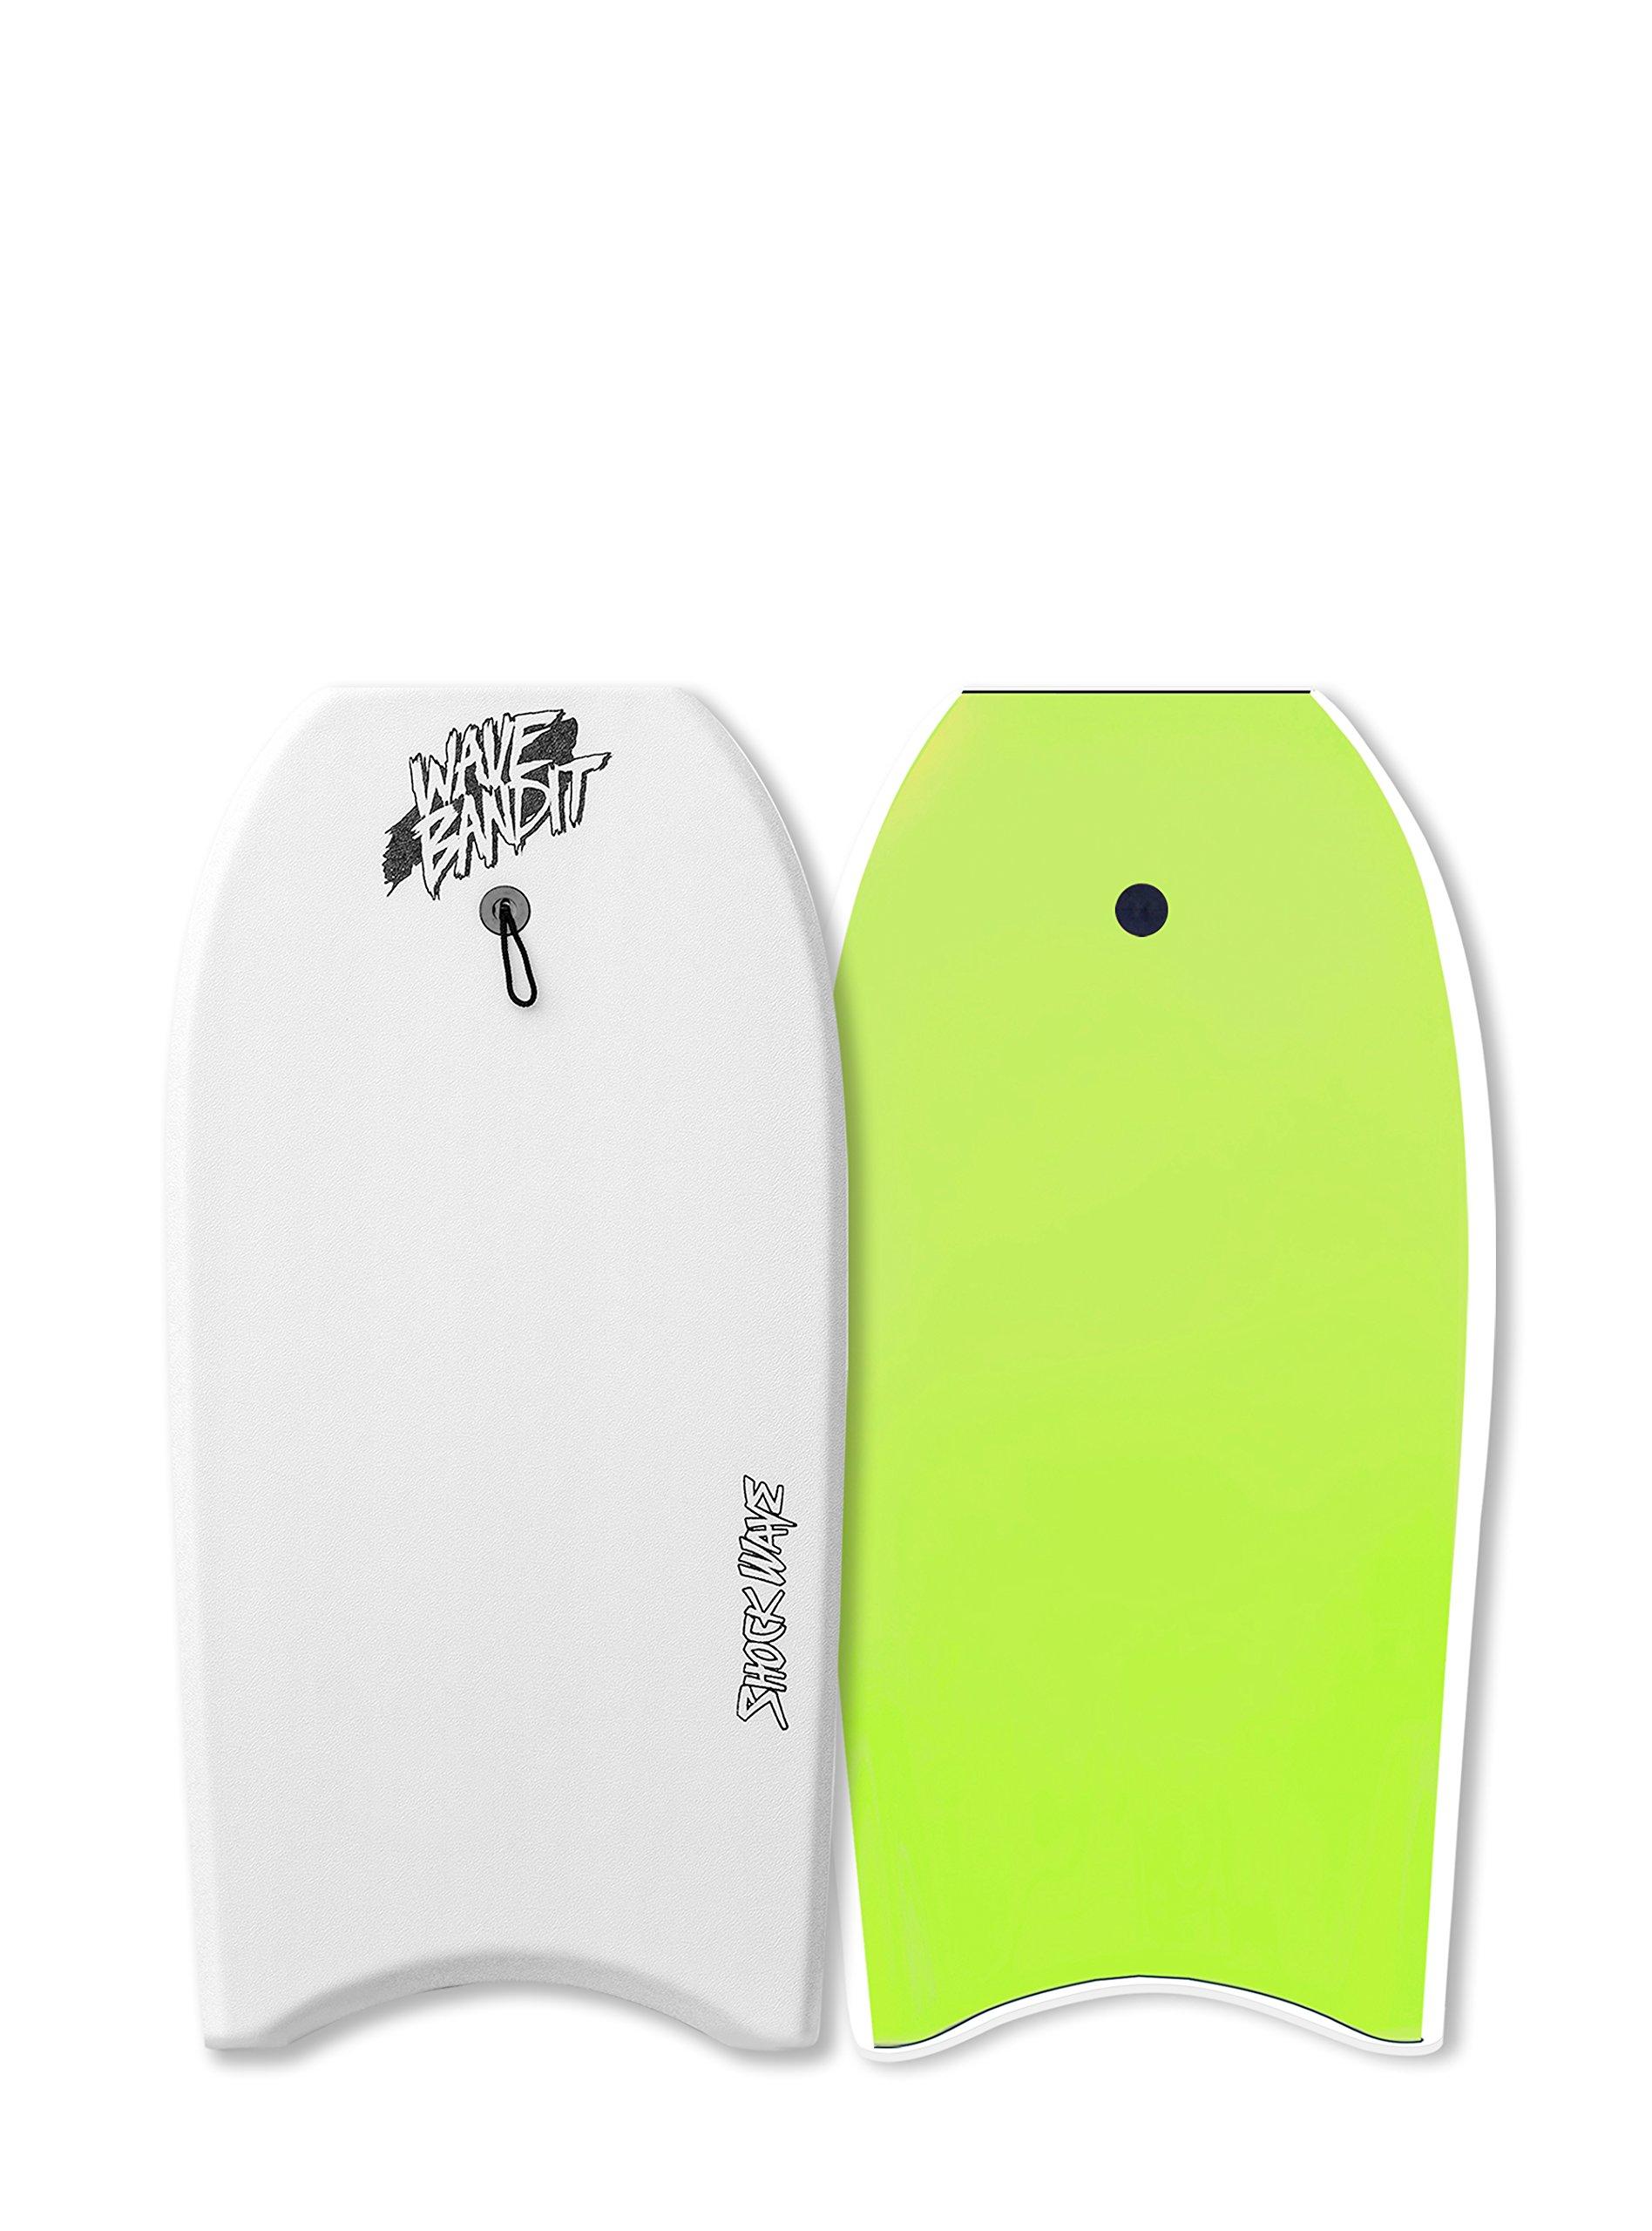 Catch Surf Wave Bandit Shockwave 42'' Short Surf Board, White